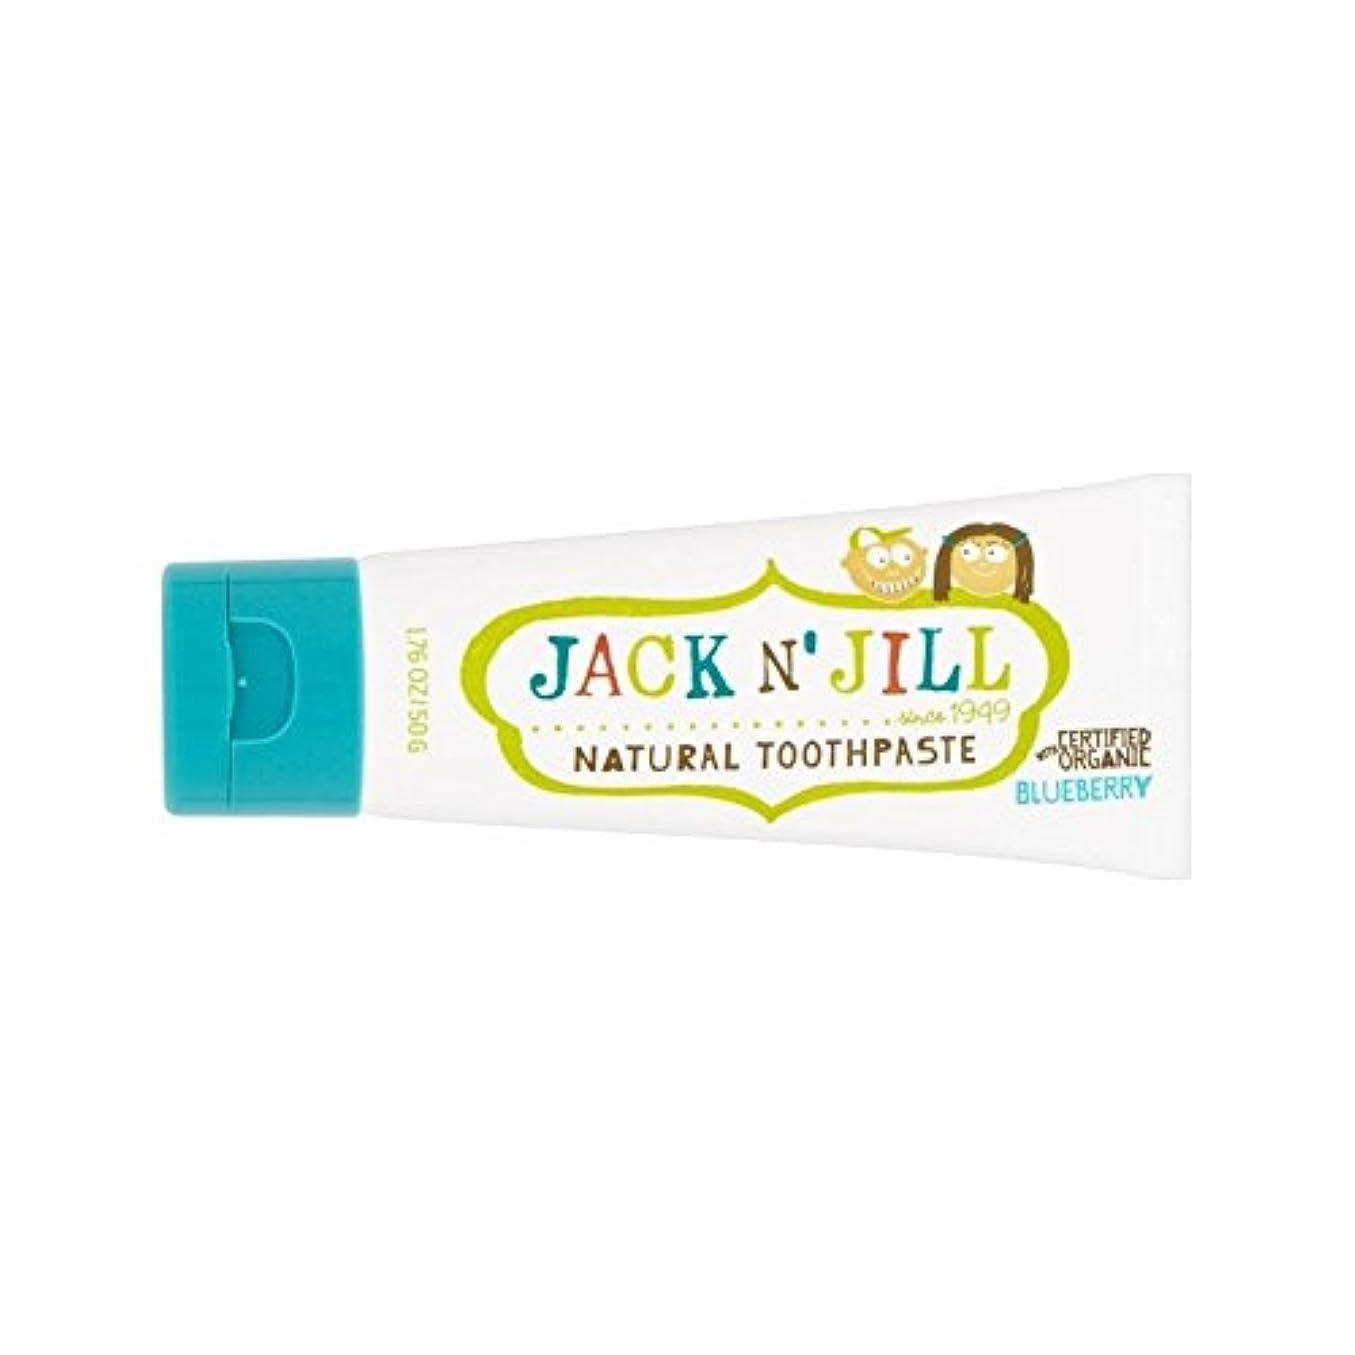 ネックレット肖像画法的有機香味50グラムとの自然なブルーベリー歯磨き粉 (Jack N Jill) (x 6) - Jack N' Jill Blueberry Toothpaste Natural with Organic Flavouring...